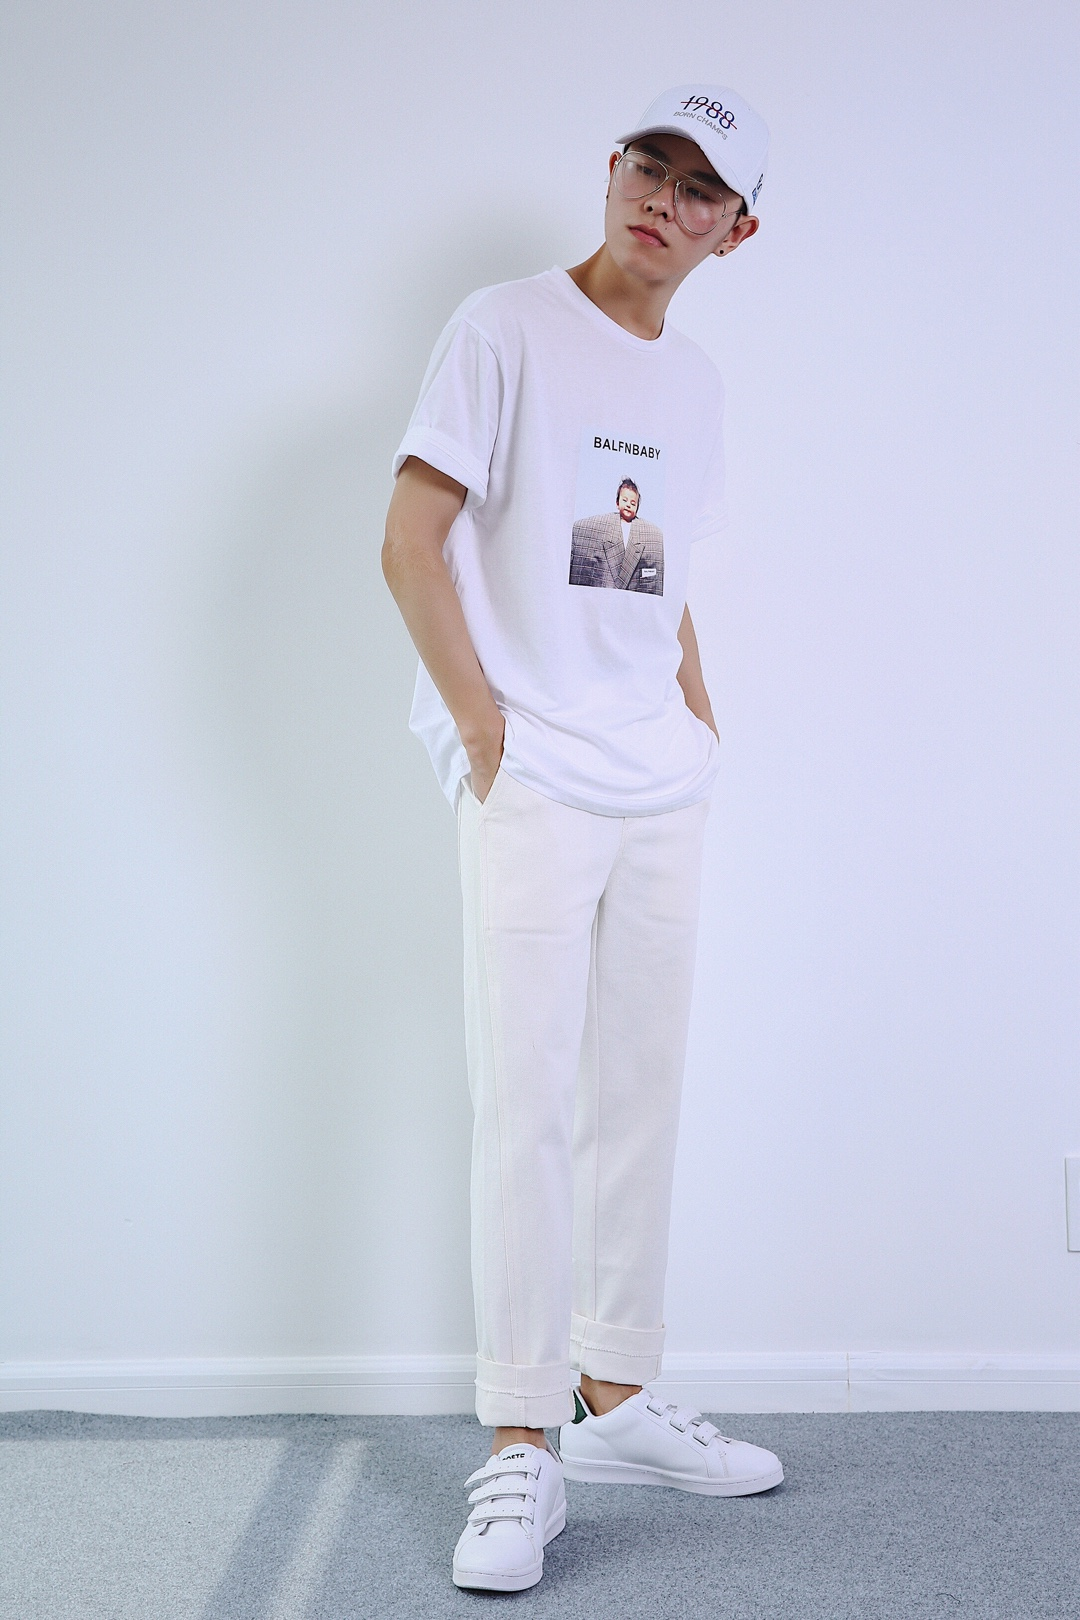 #牛仔裤,真的不怕再多一件!#白色字母鸭舌帽+白色趣味人头印花T恤+白色直筒牛仔裤+白色魔术贴休闲鞋。全白look,清爽干净。